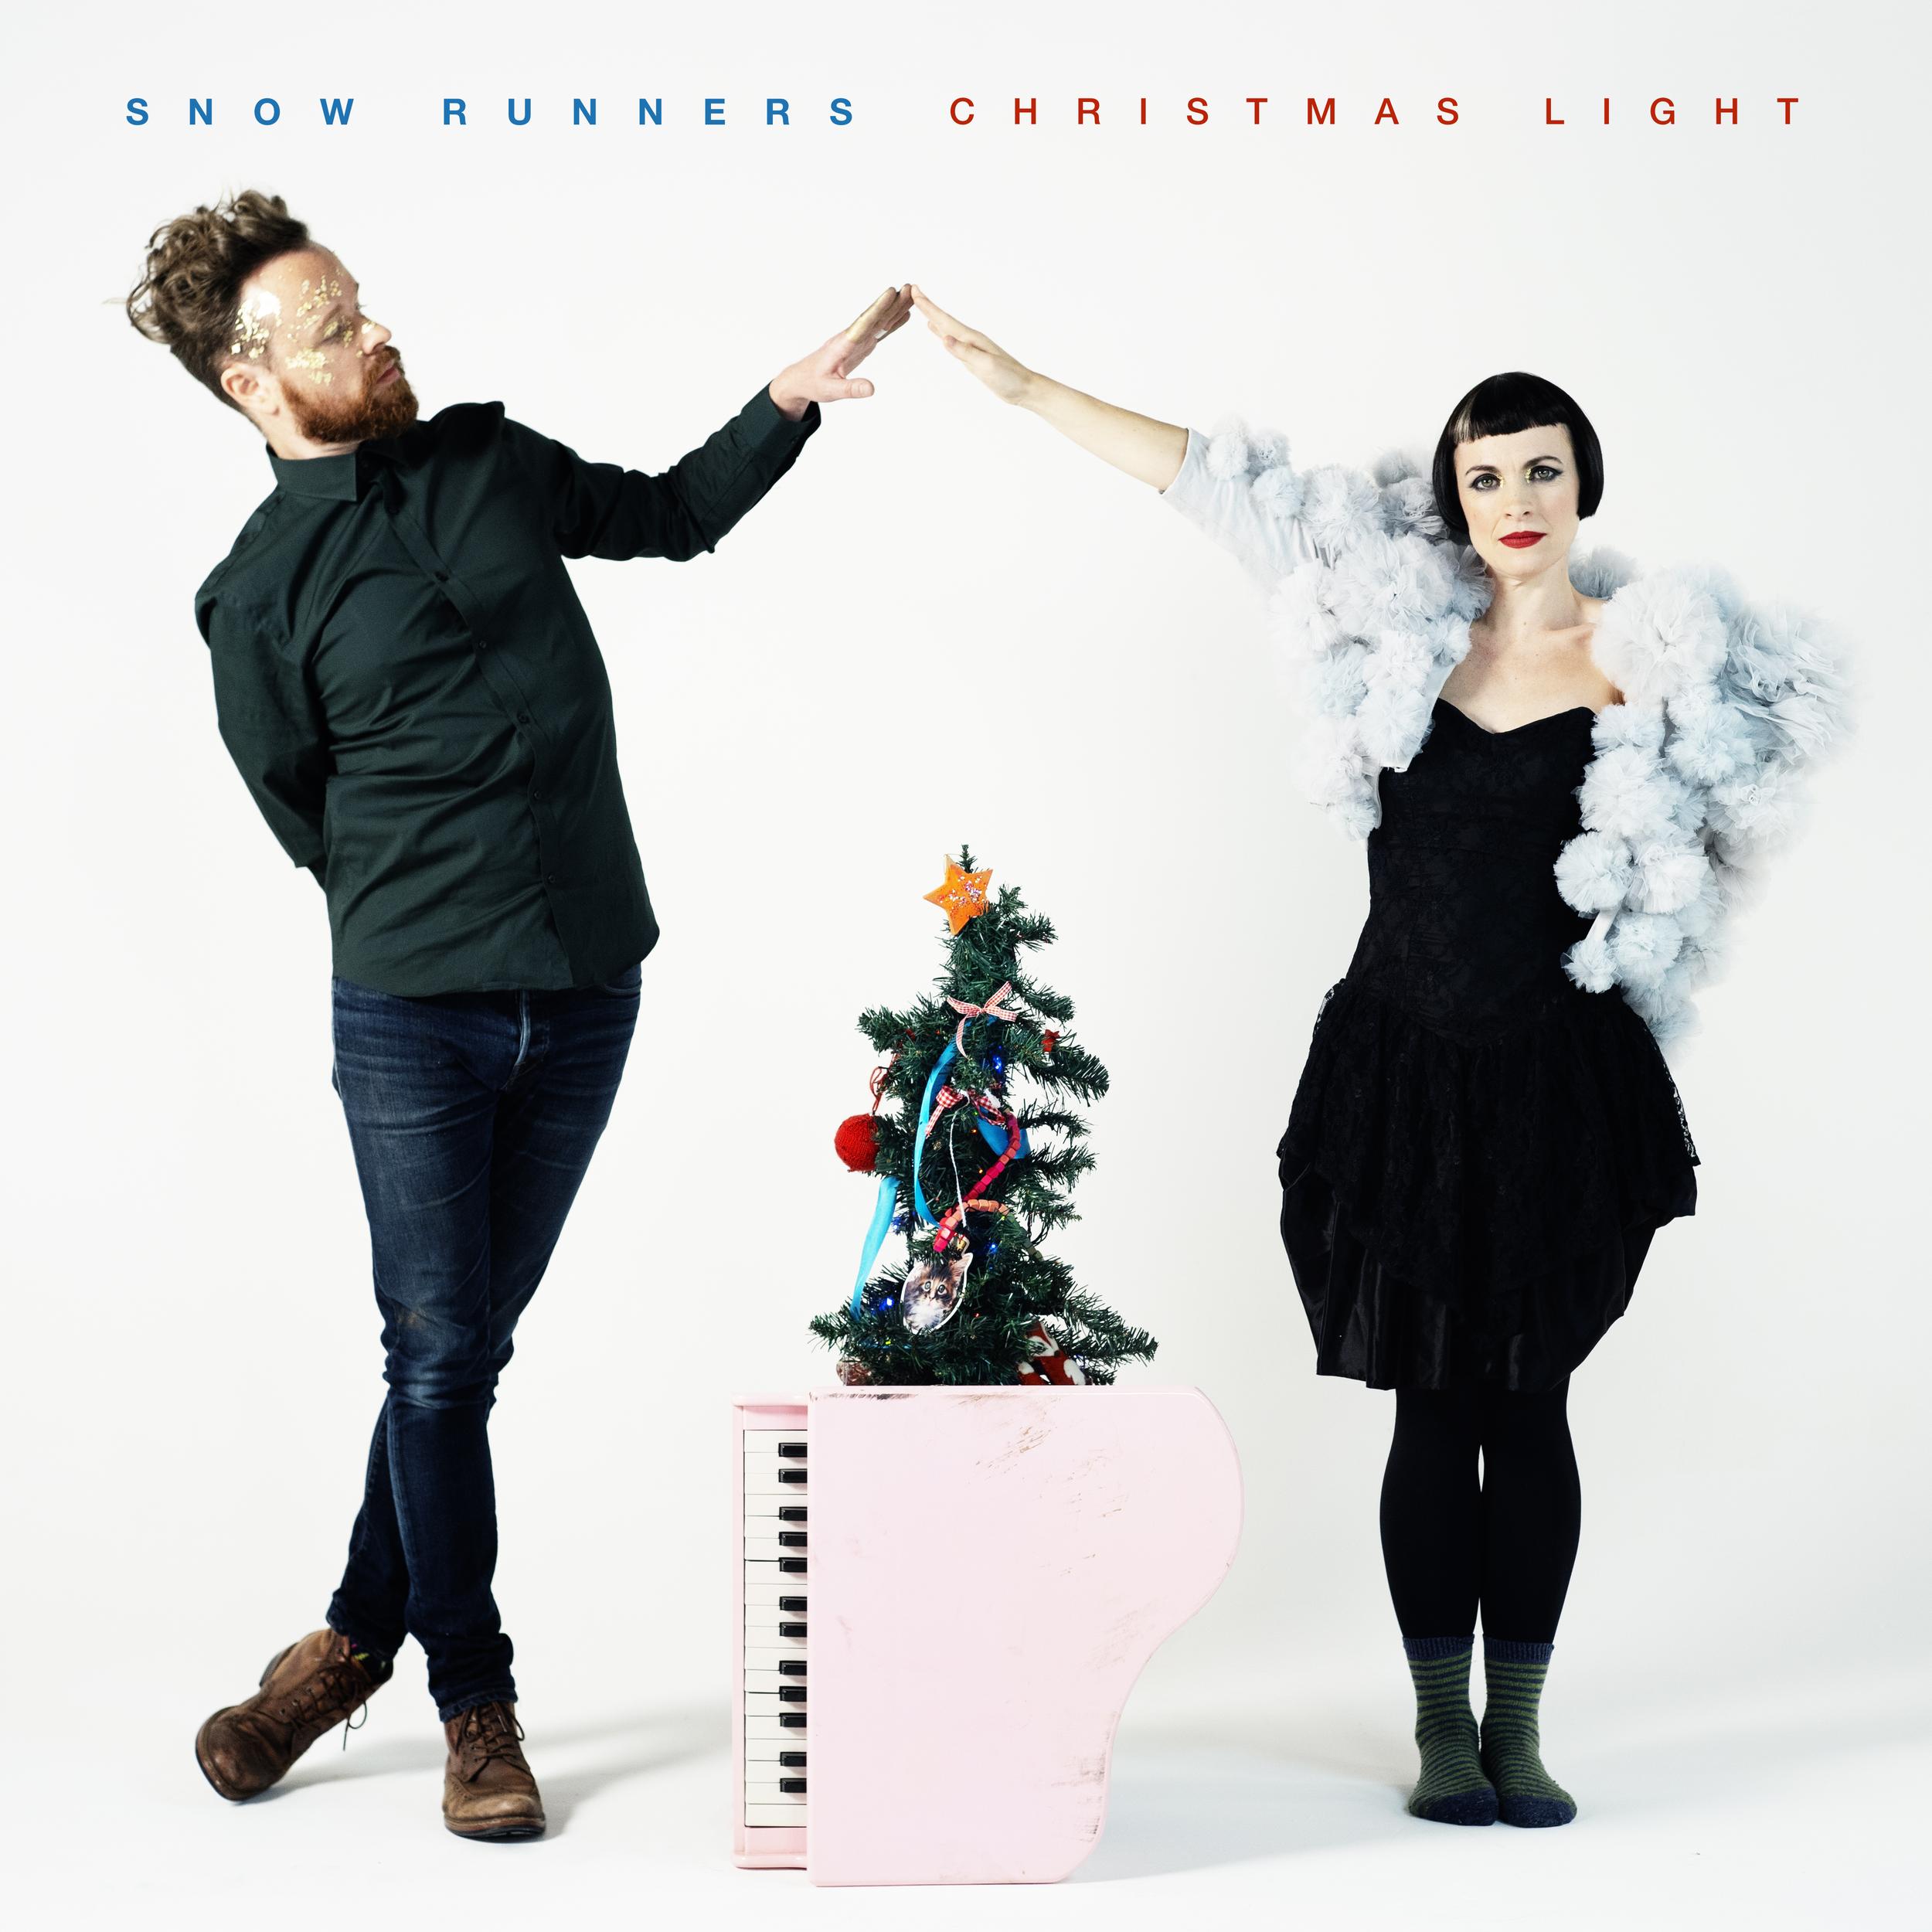 SnowRunners-ChristmasLight-full.png